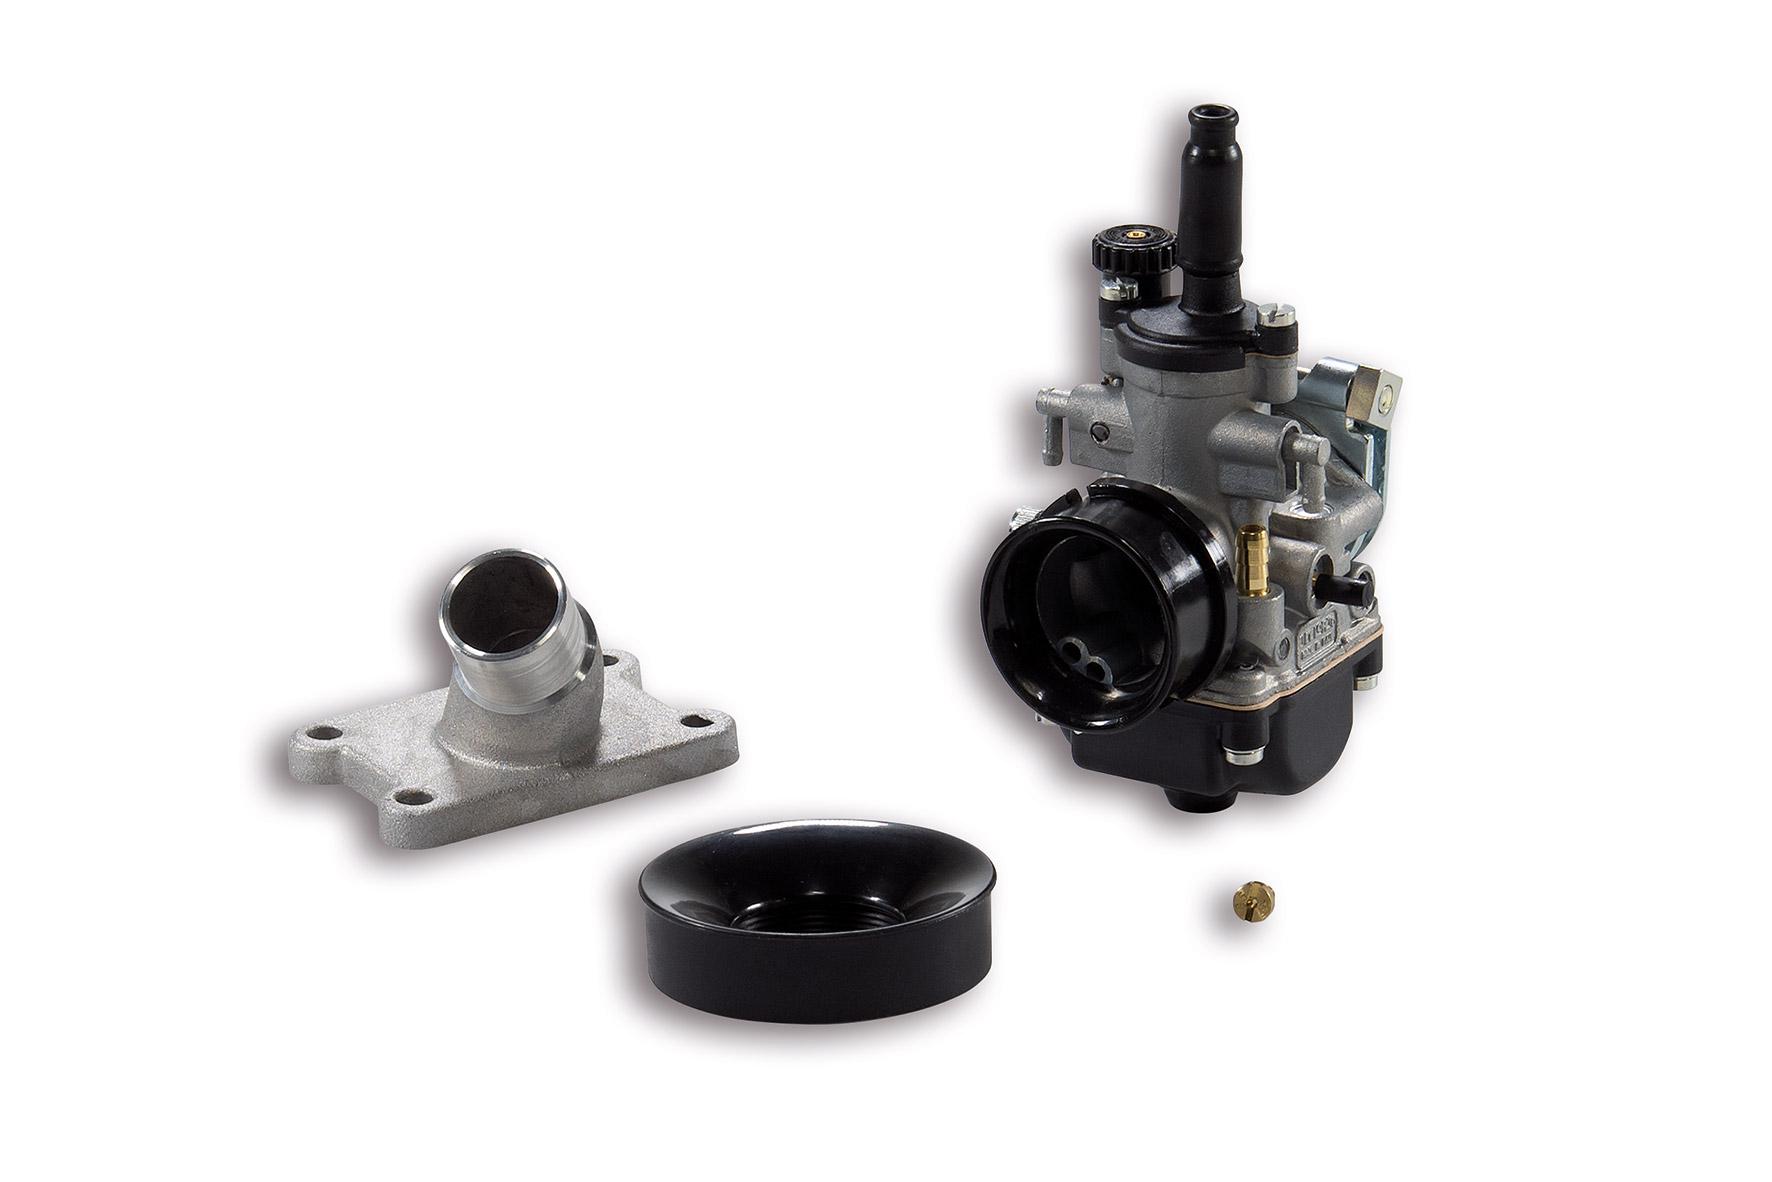 Impianto alimentazione PHBG 21 per Aprilia MX - Sherco HRD (Minarelli AM 6) 2T LC 50 cc